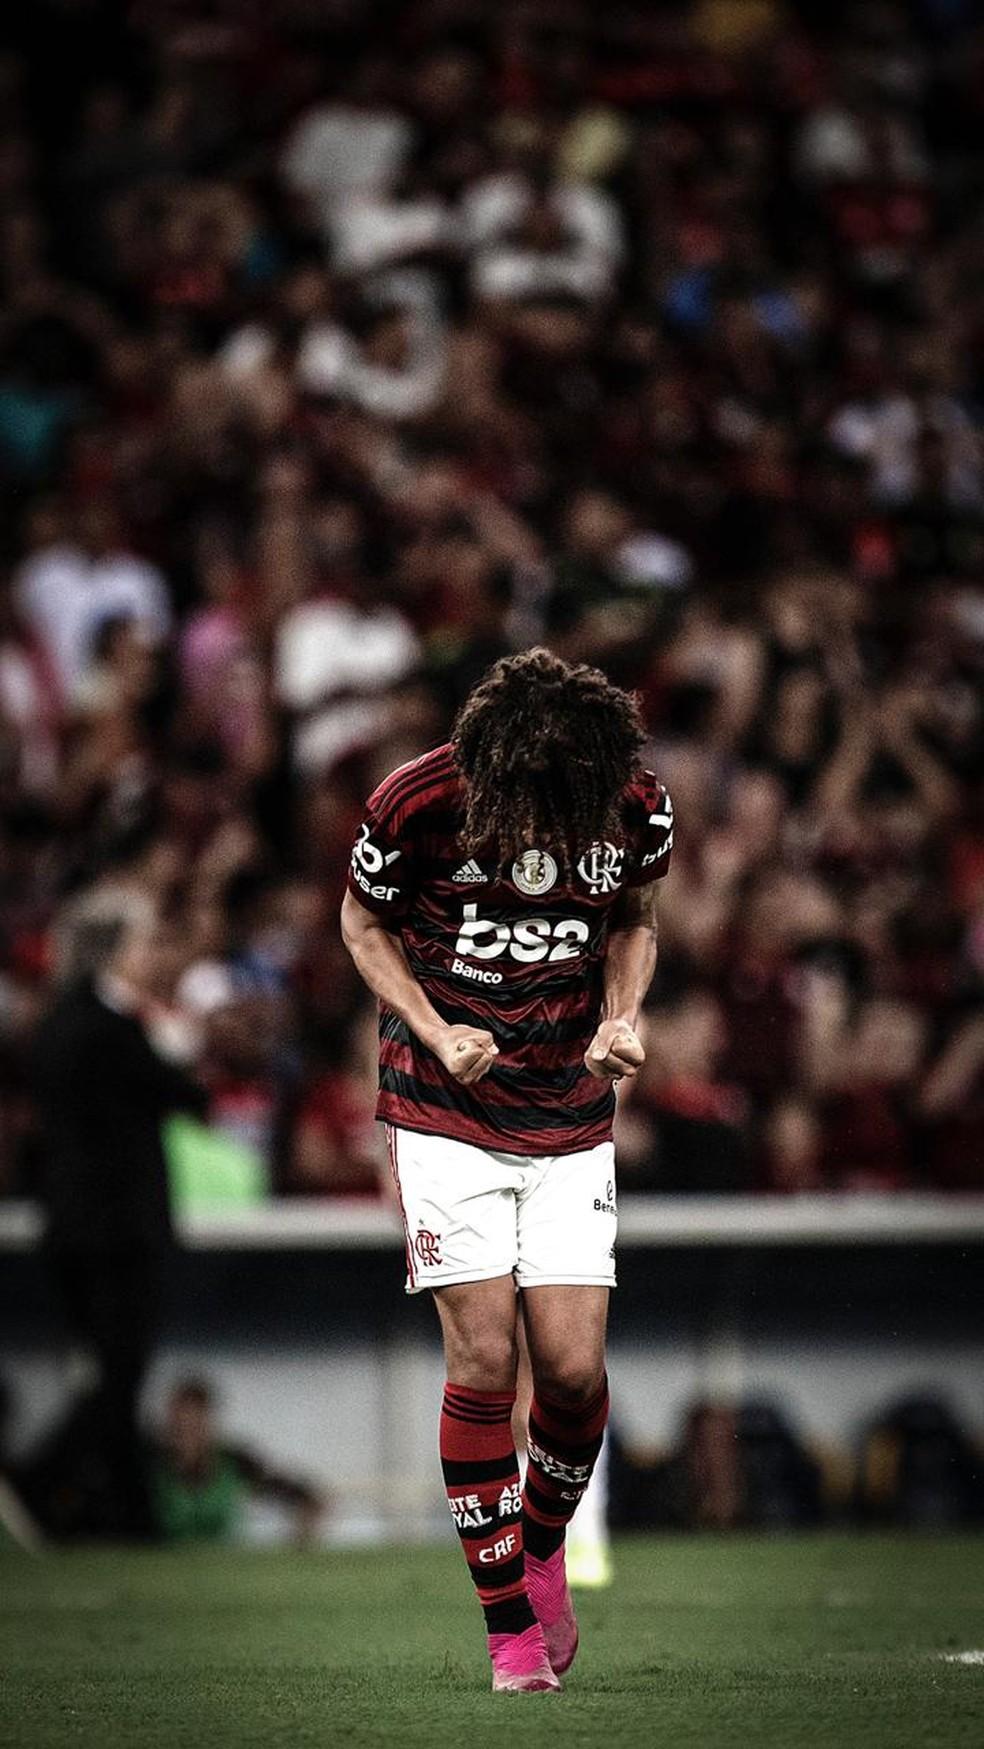 Decisivo no ataque e incansável na defesa, volante alcança marca histórica no Flamengo